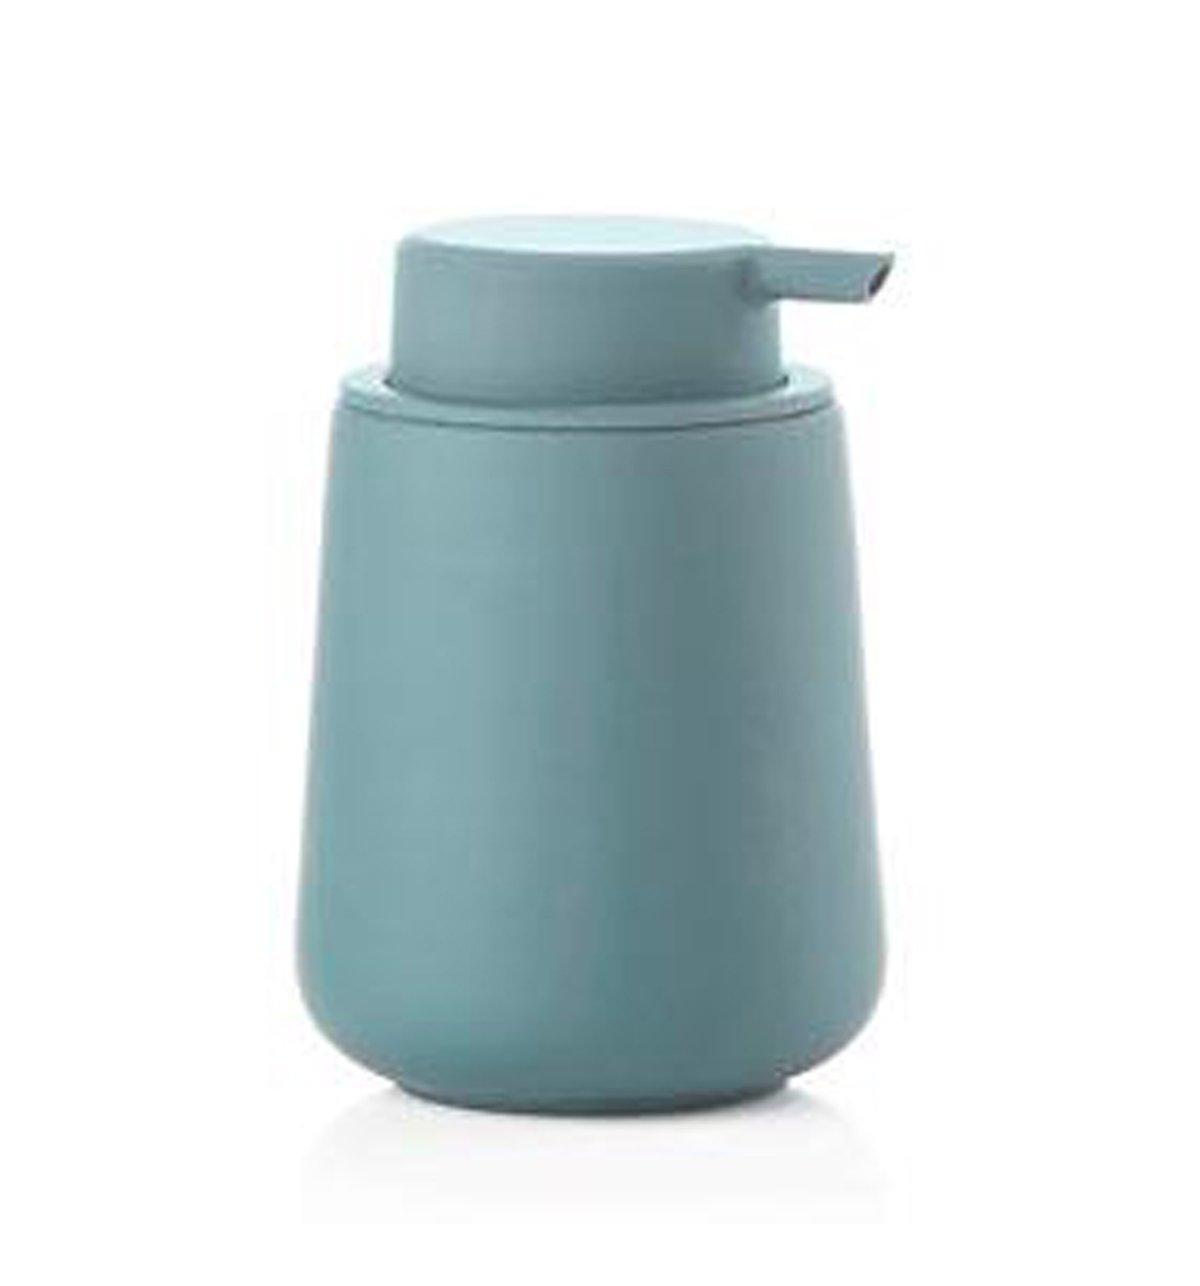 Zone - Nova One Soap Dispenzer - Cameo Blue (332041)